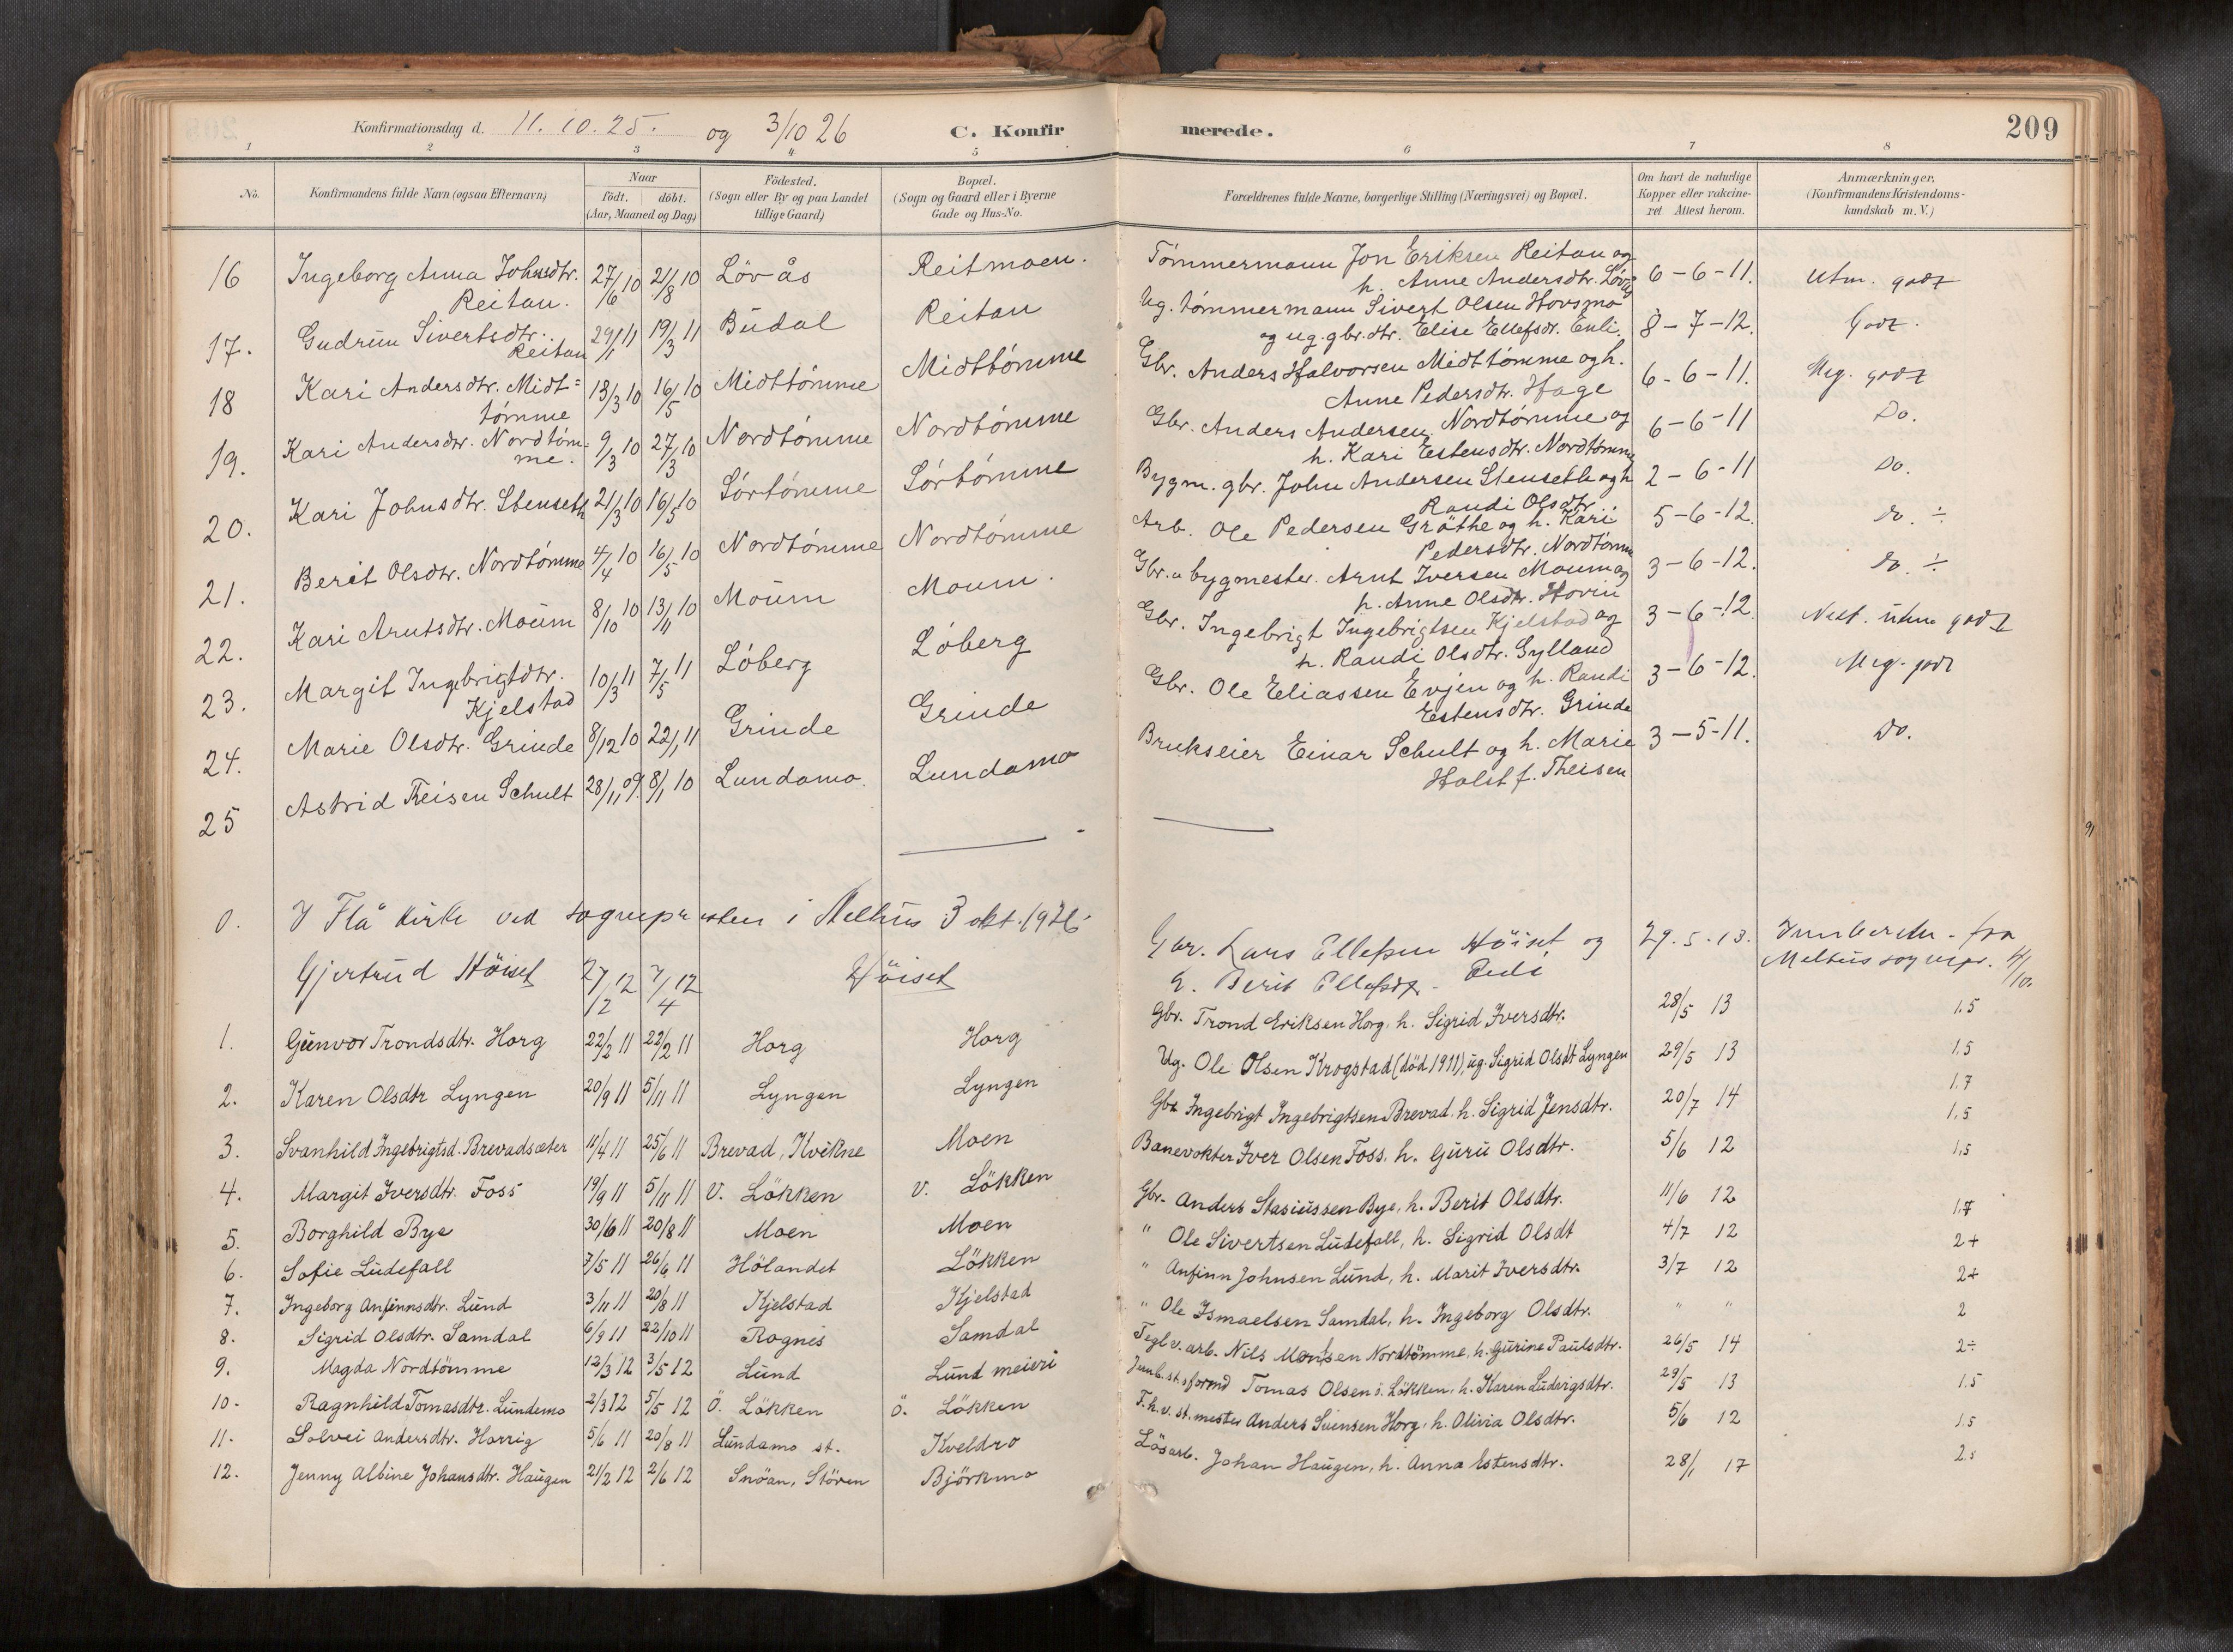 SAT, Ministerialprotokoller, klokkerbøker og fødselsregistre - Sør-Trøndelag, 692/L1105b: Ministerialbok nr. 692A06, 1891-1934, s. 209